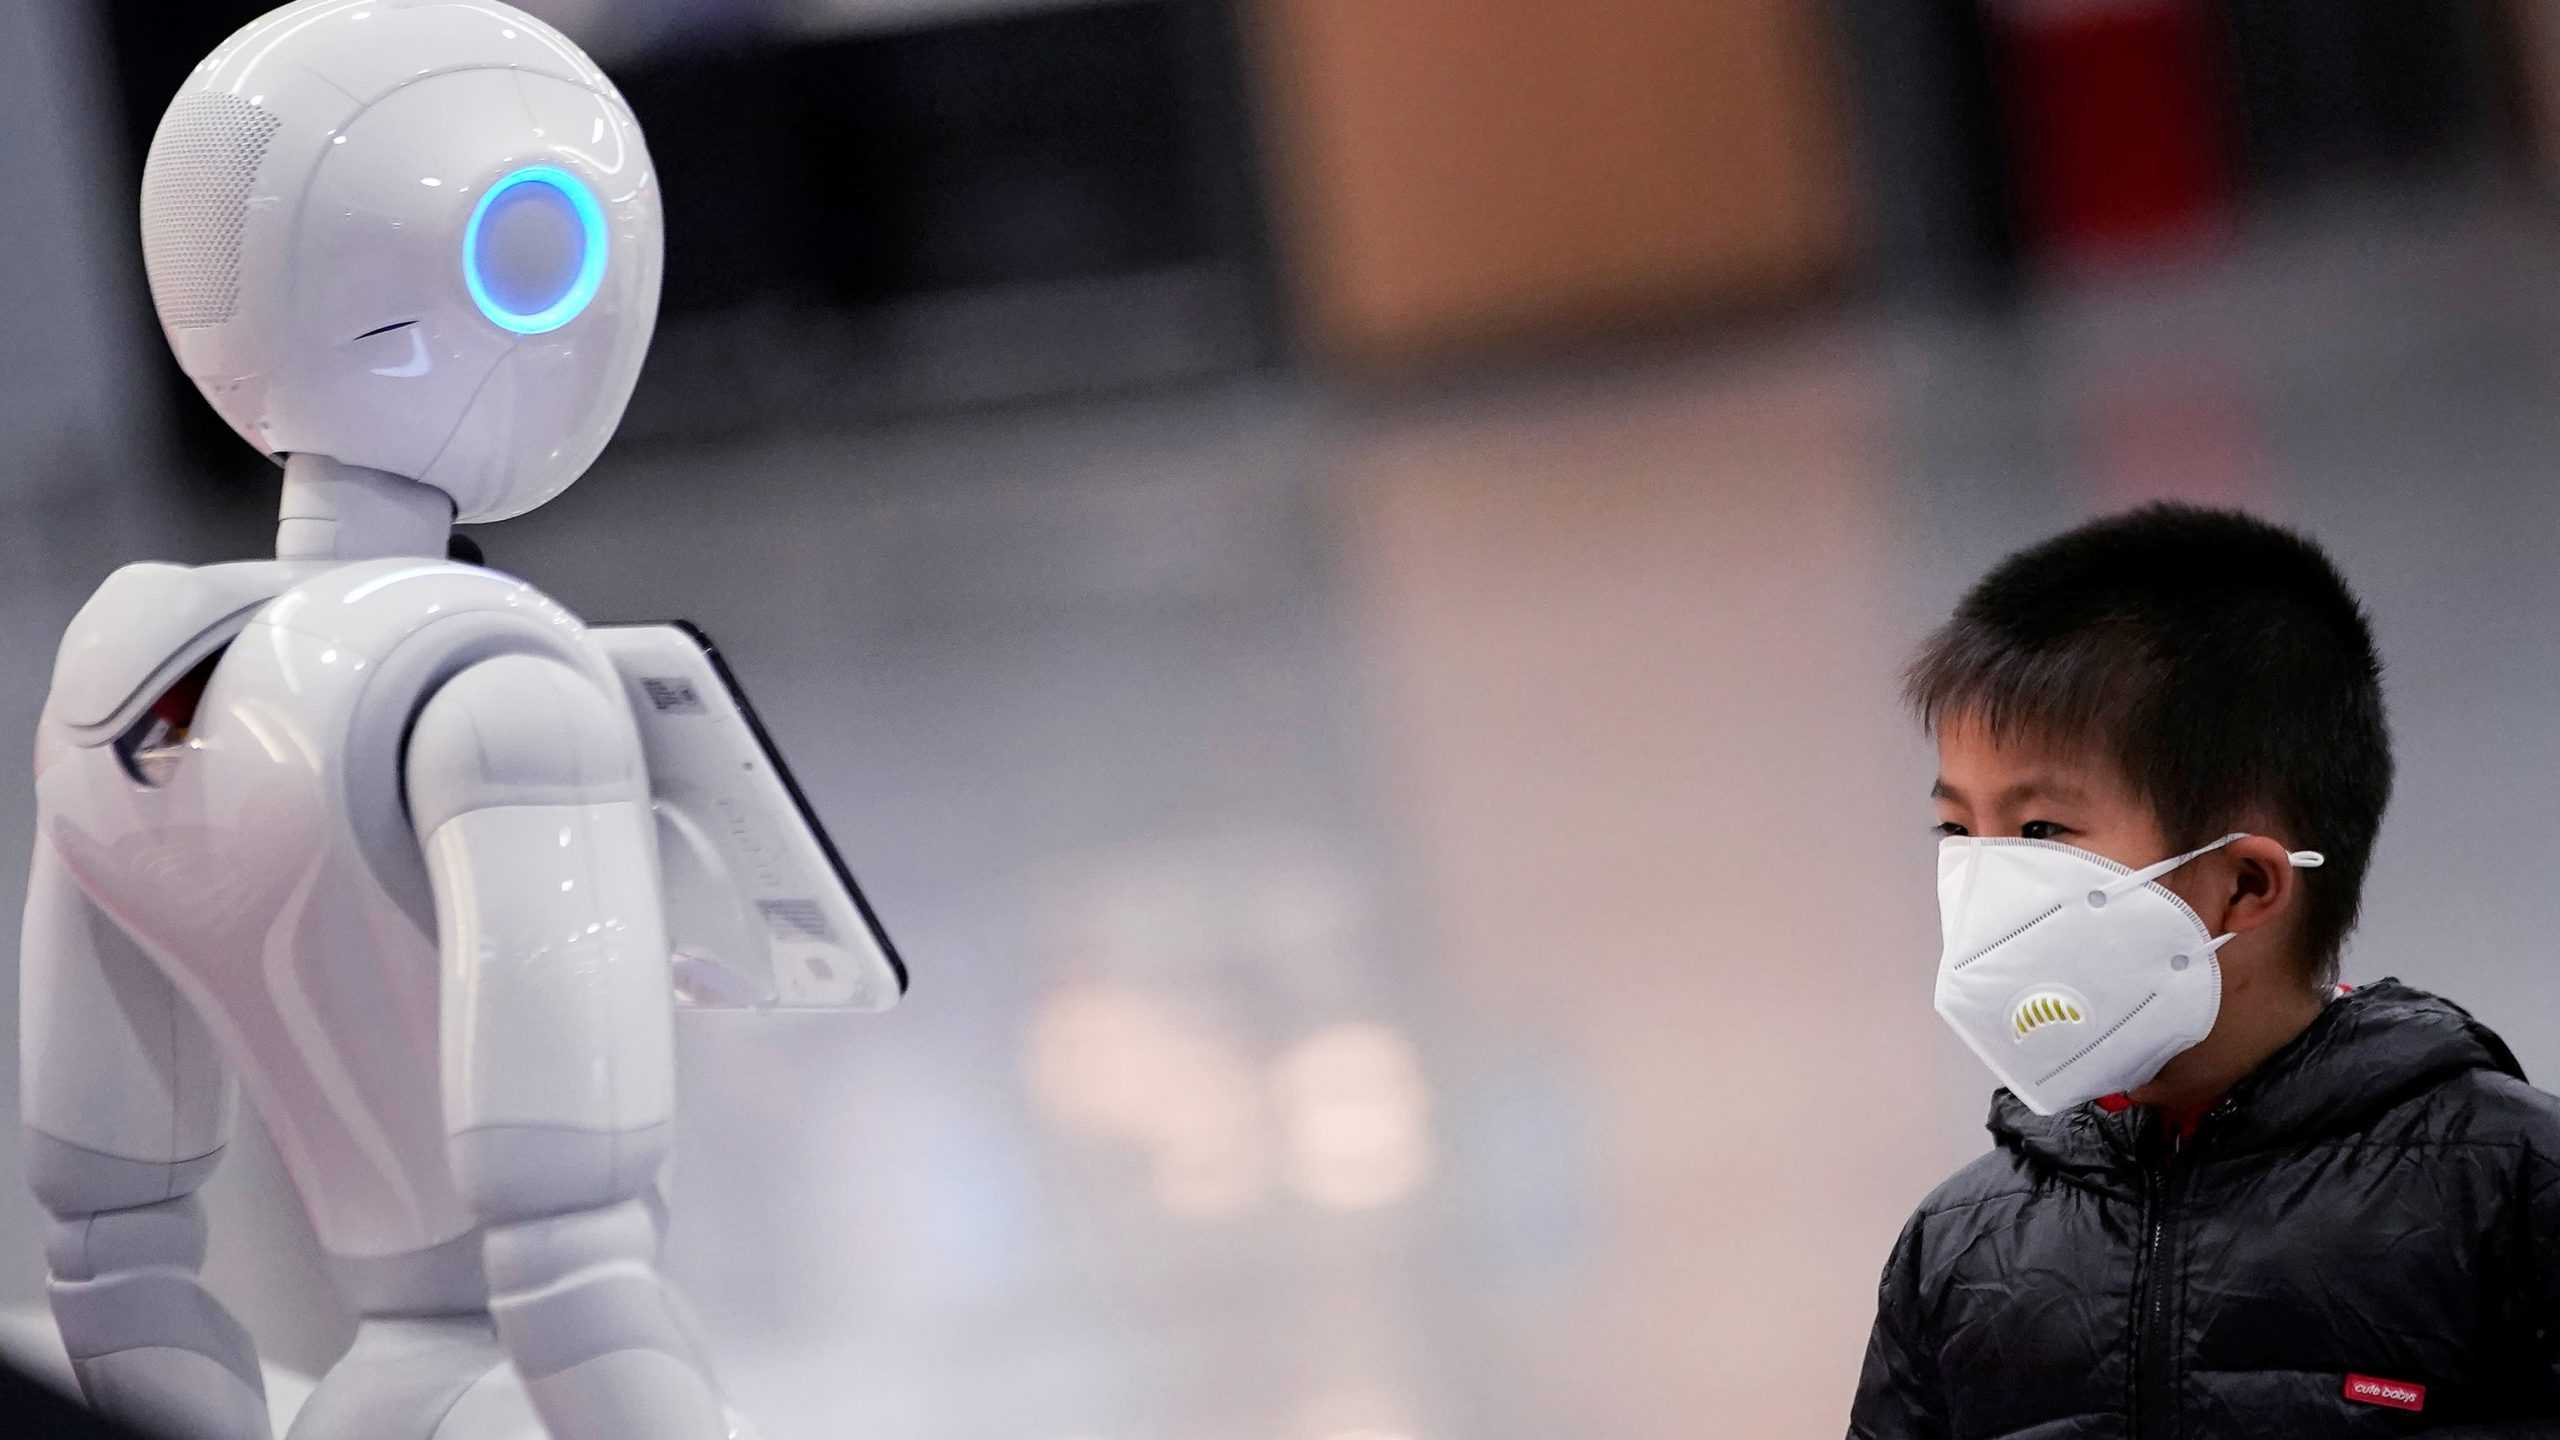 İşletmeler için 'Teknolojik' Tasarruf Önerileri